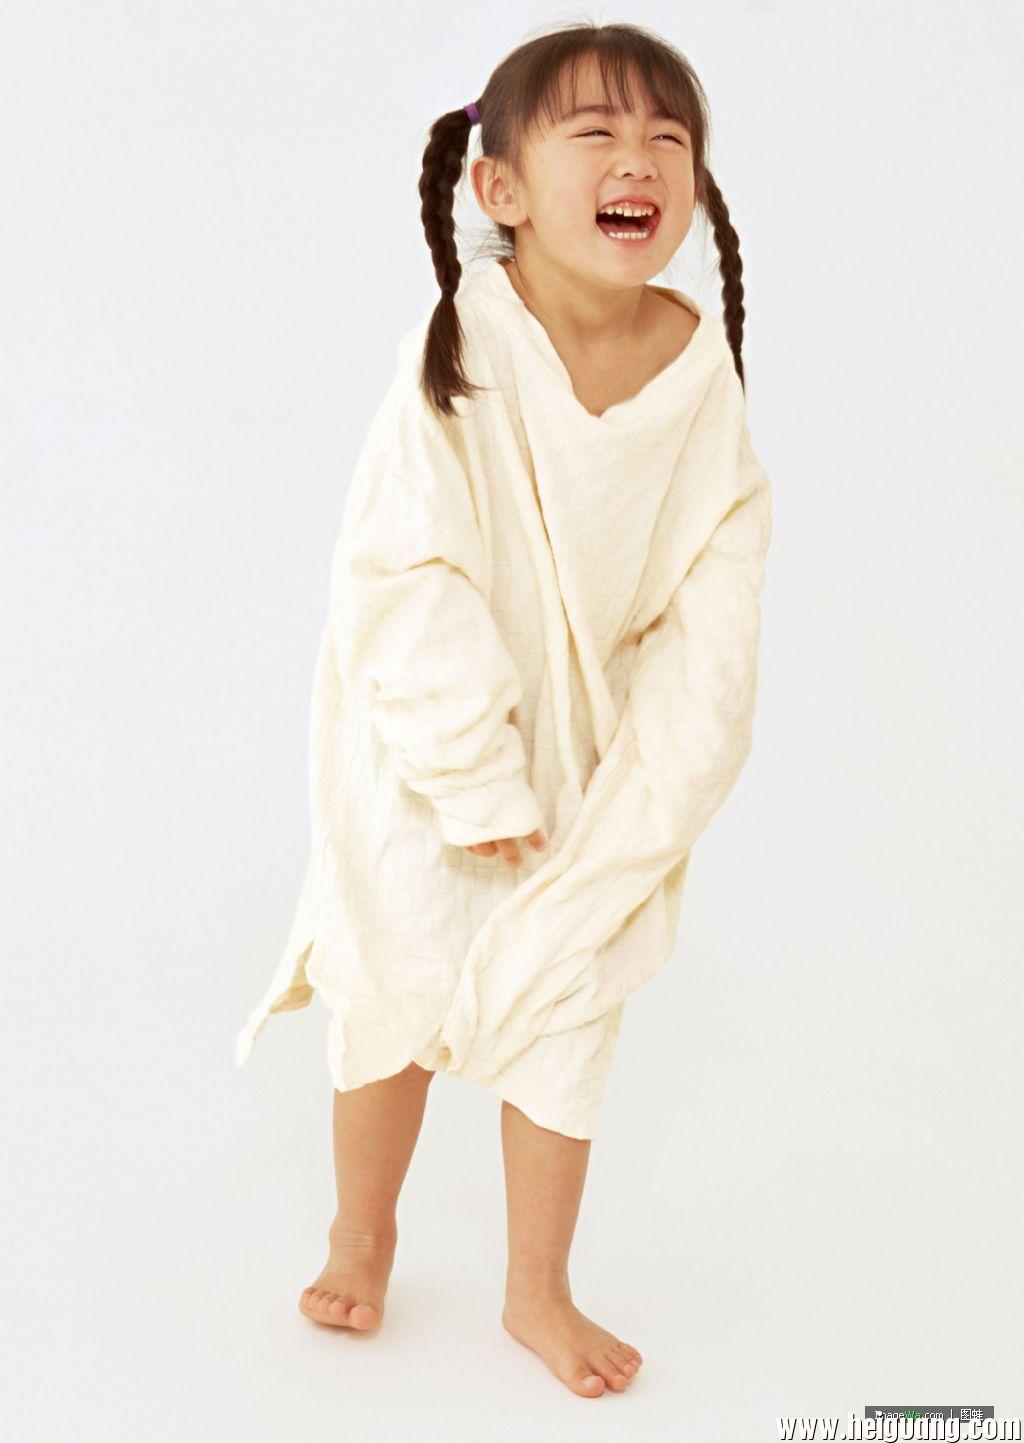 转:儿童写真 - 儿童摄影作品 黑光论坛